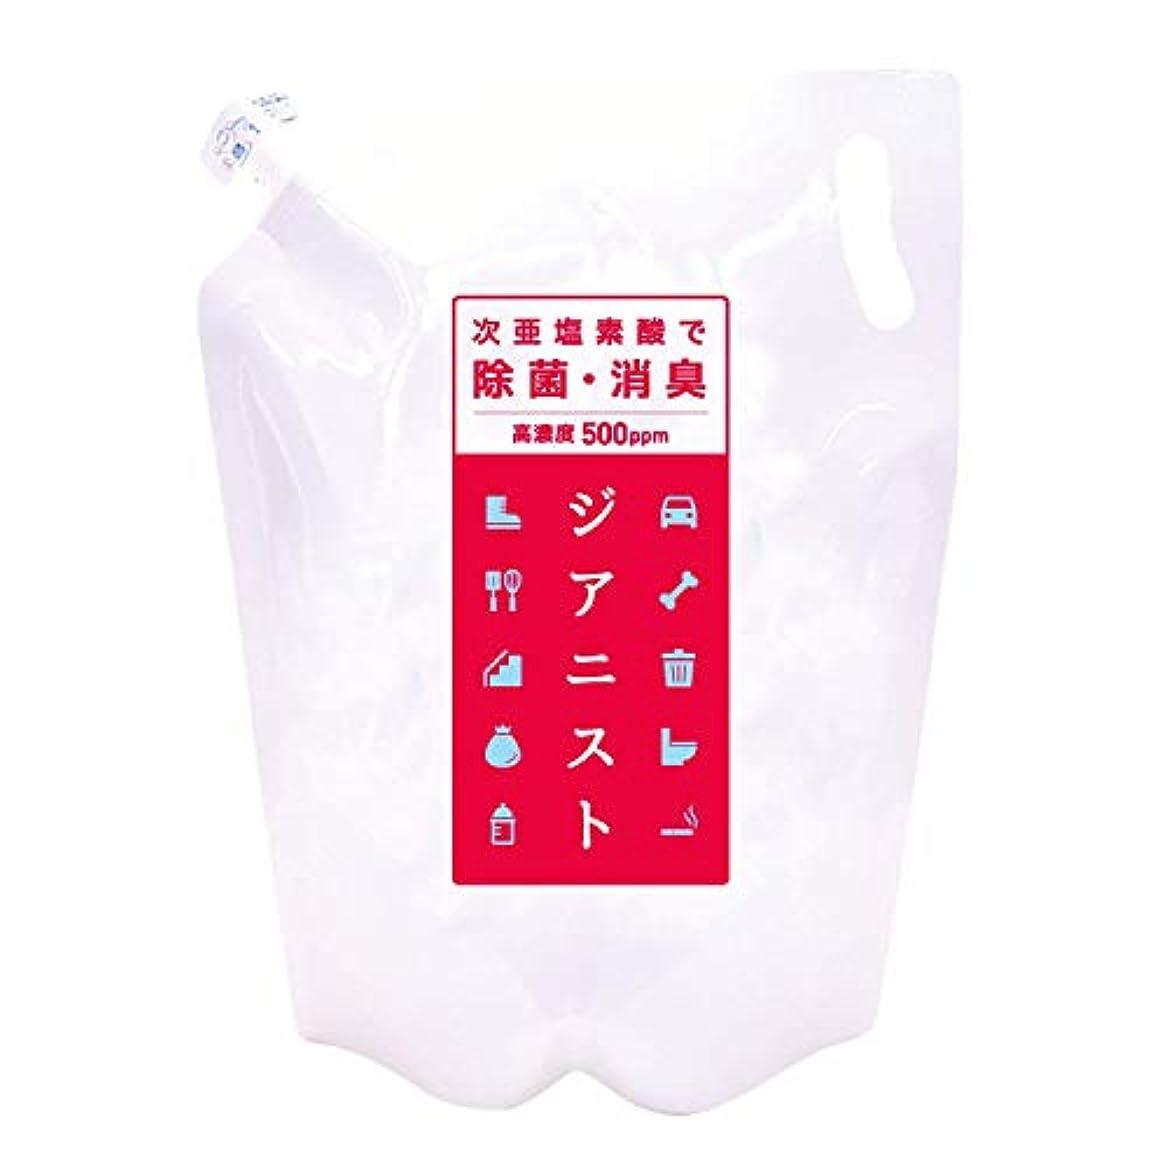 簡略化するサスティーン感性大容量 2500mL ジアニスト 次亜塩素酸 高濃度 500ppm 除菌 消臭